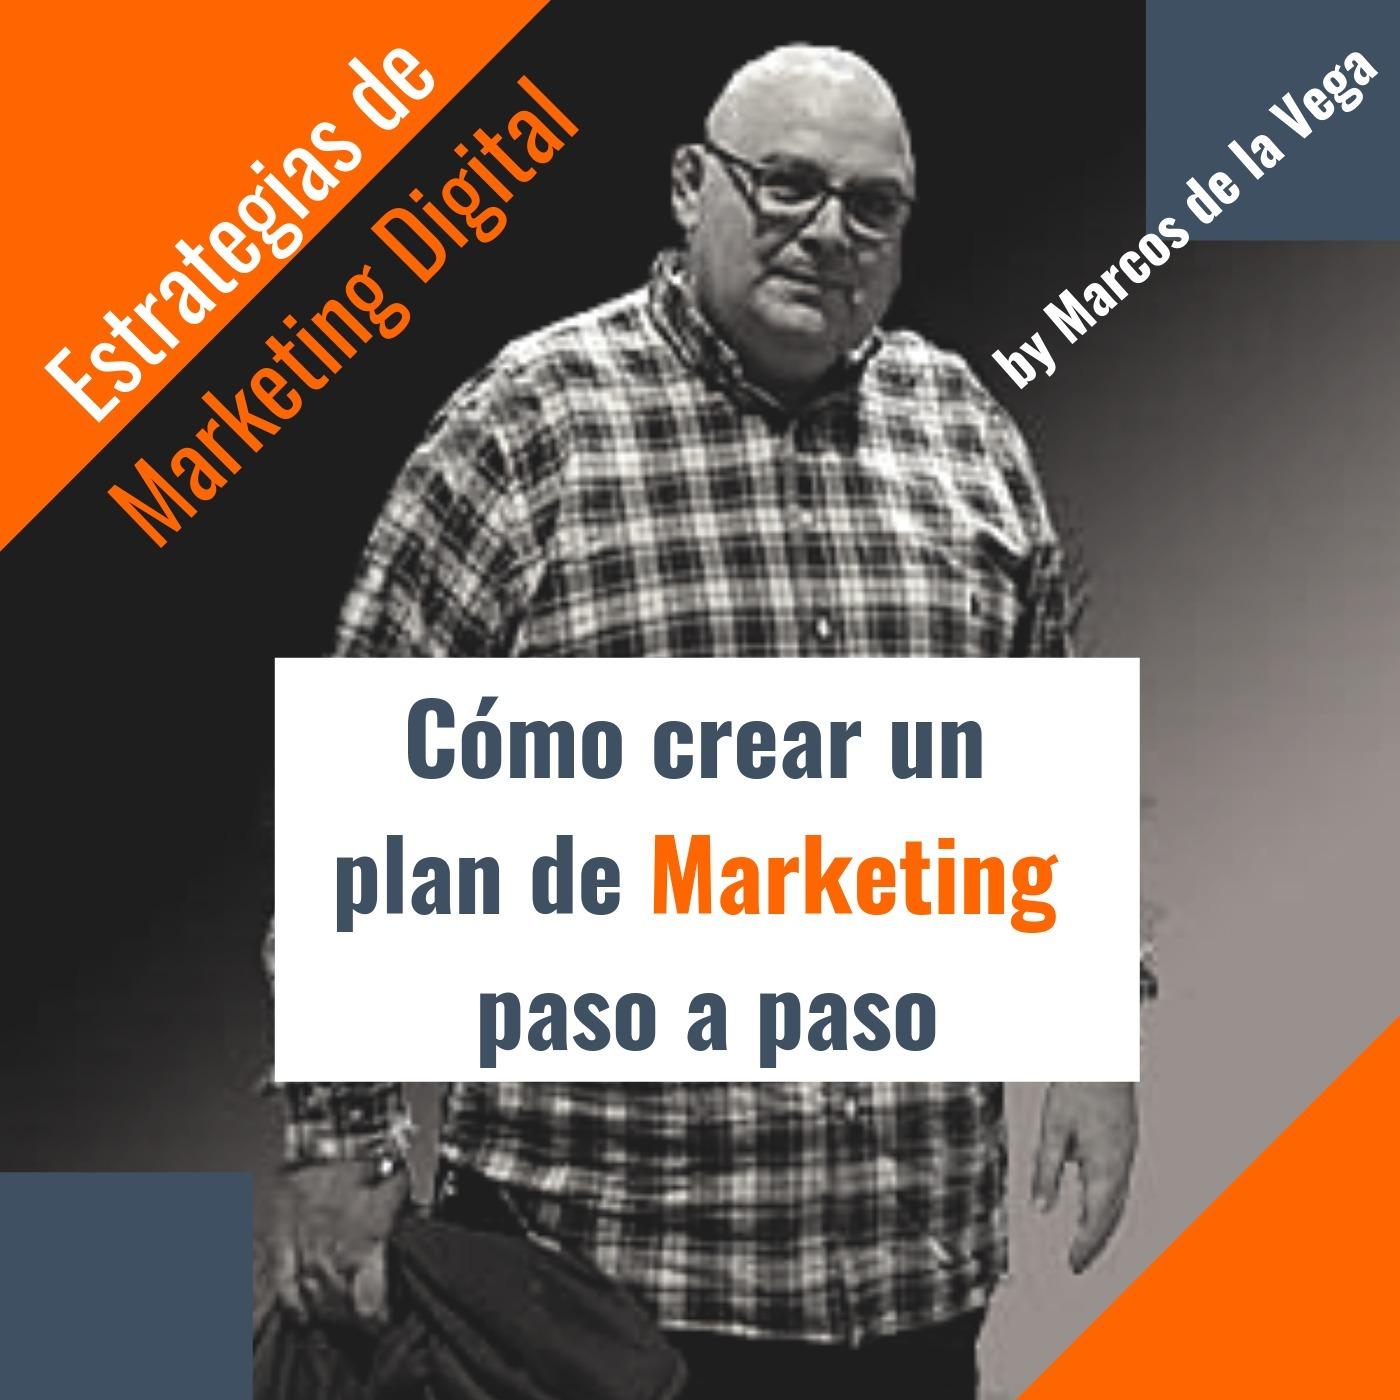 Cómo crear un plan de marketing paso a paso